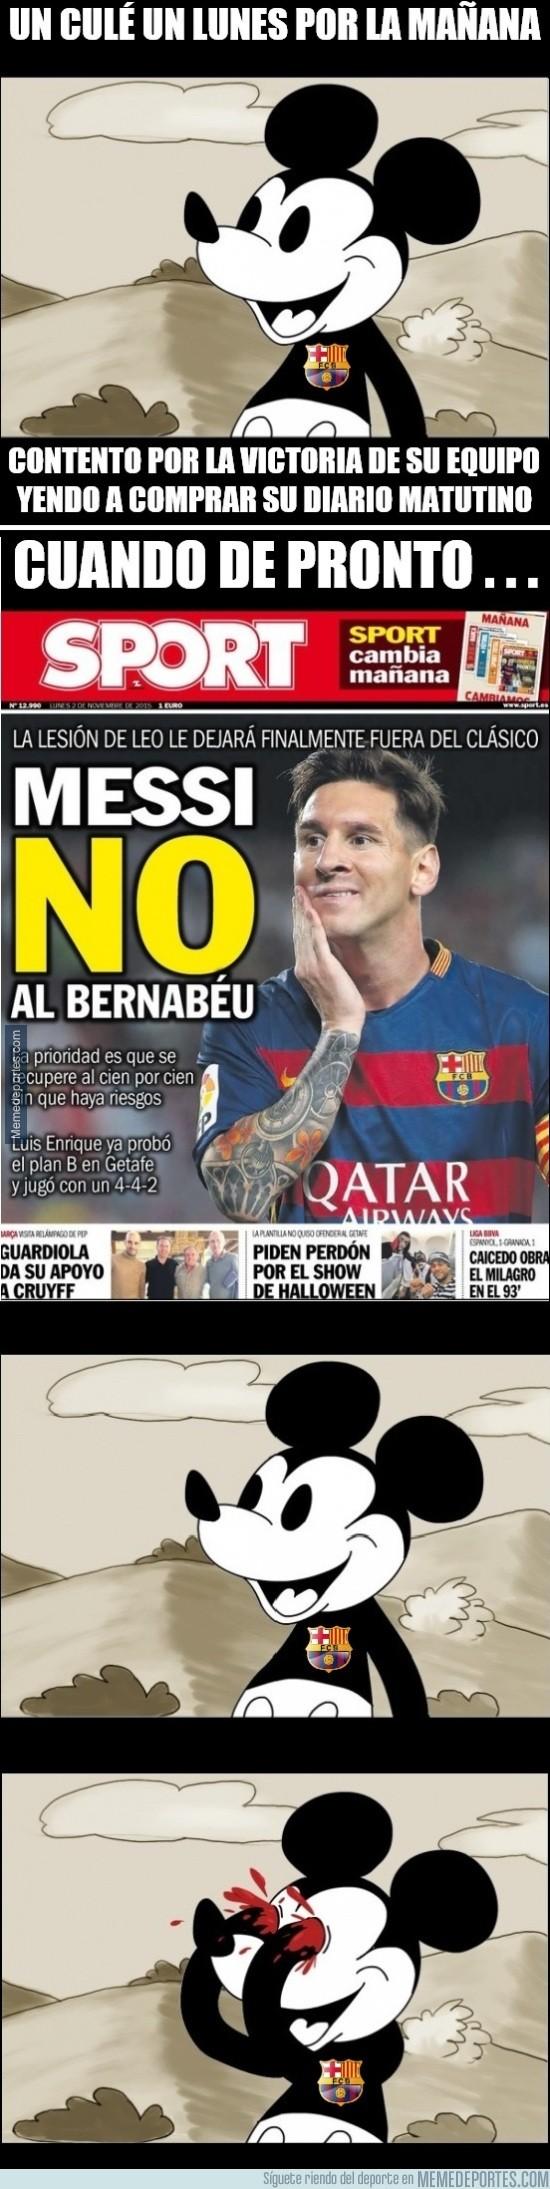 724050 - Messi se perdería El Clásico